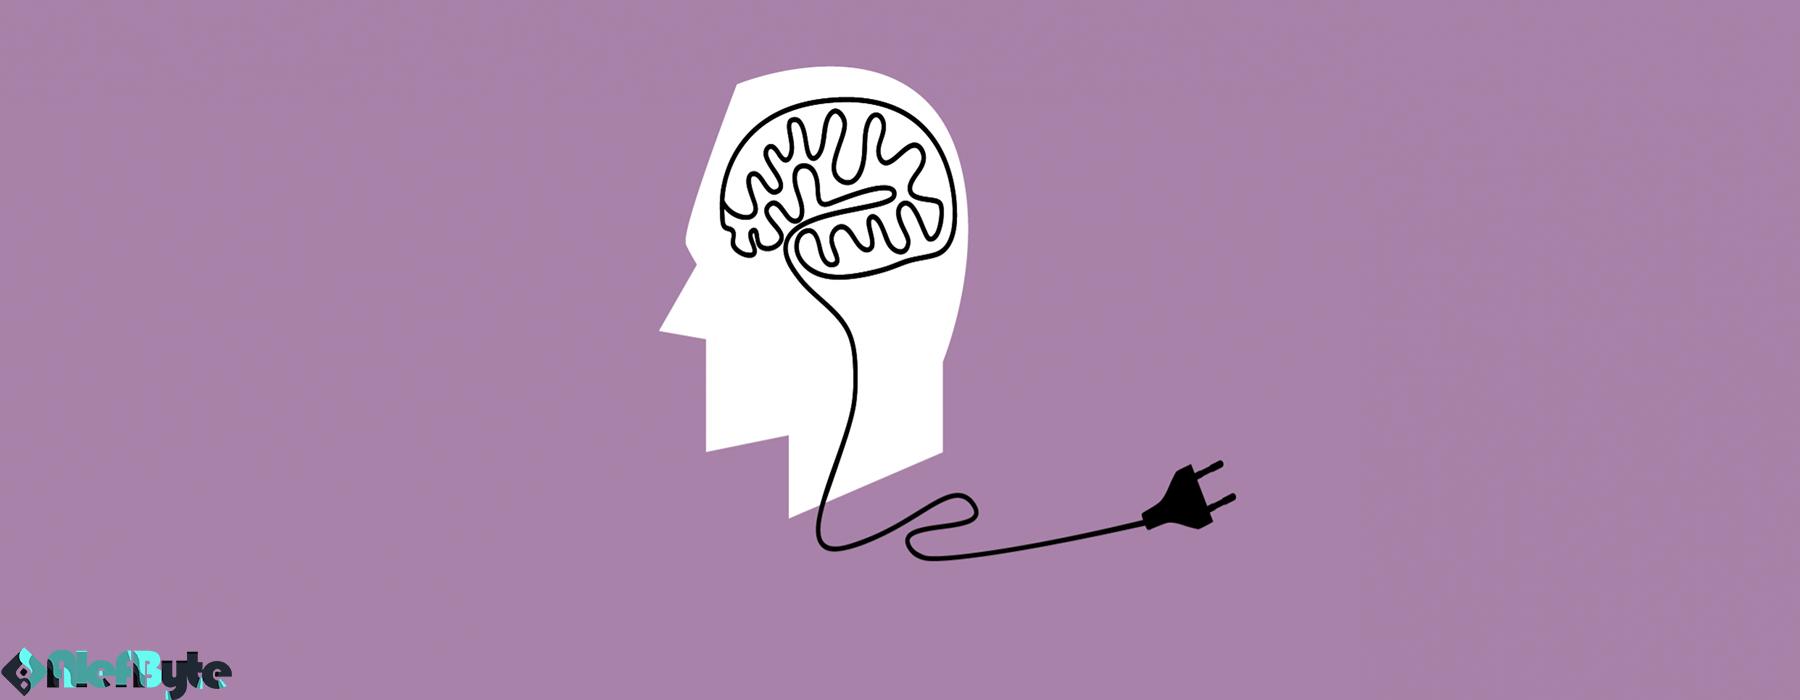 تنبلی باعث آرامش ذهن میشه - استراحت مغز